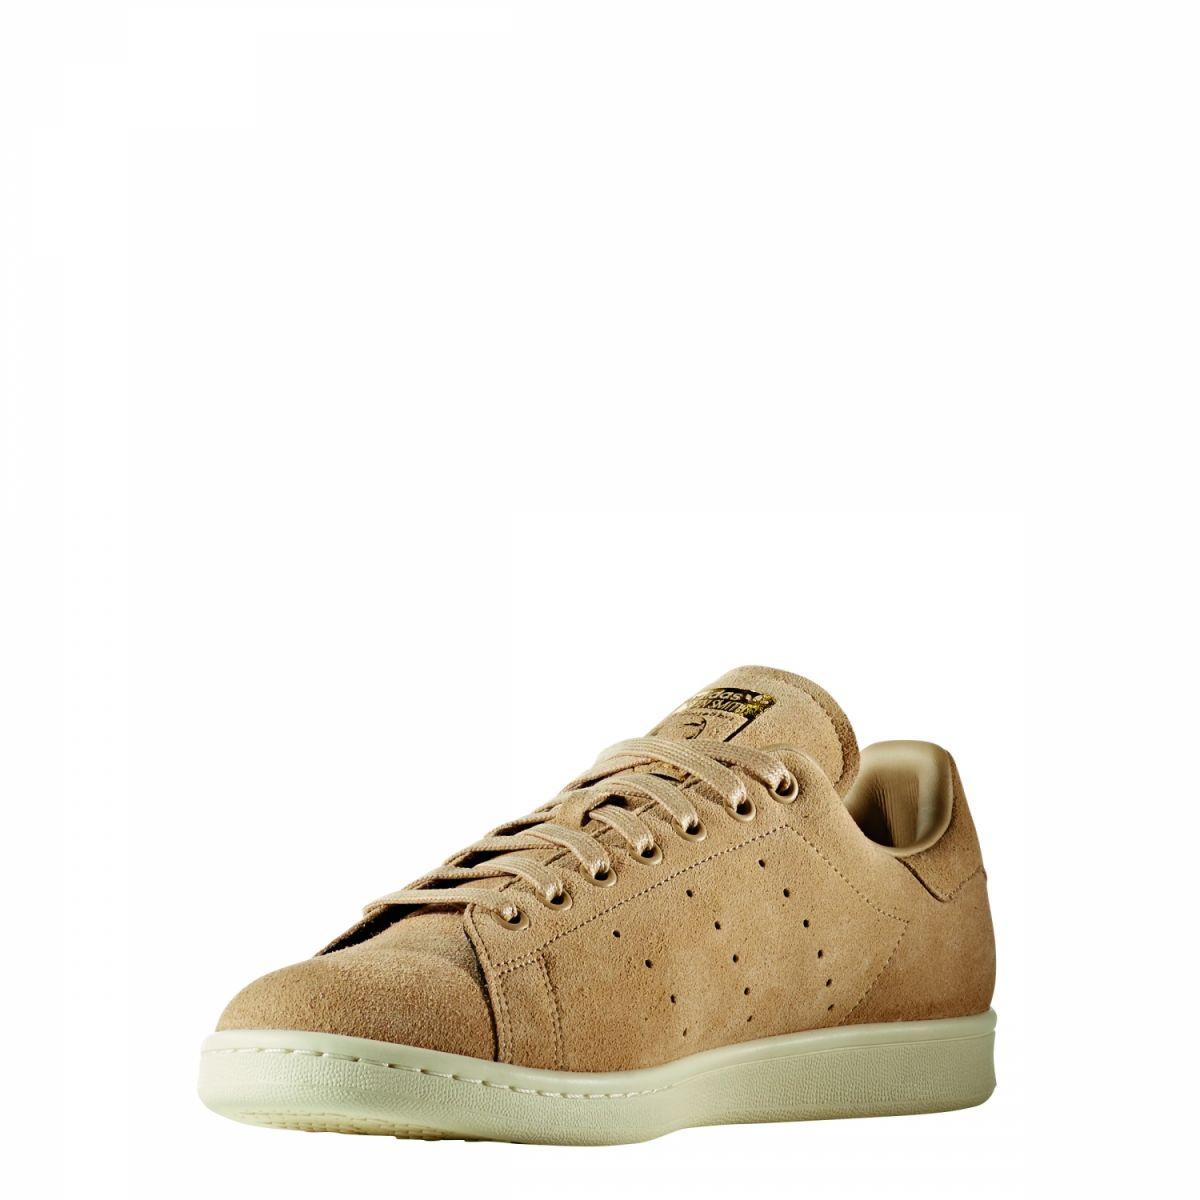 e5d69182460 Sale Adidas Eqt Shoes For Women Tennis